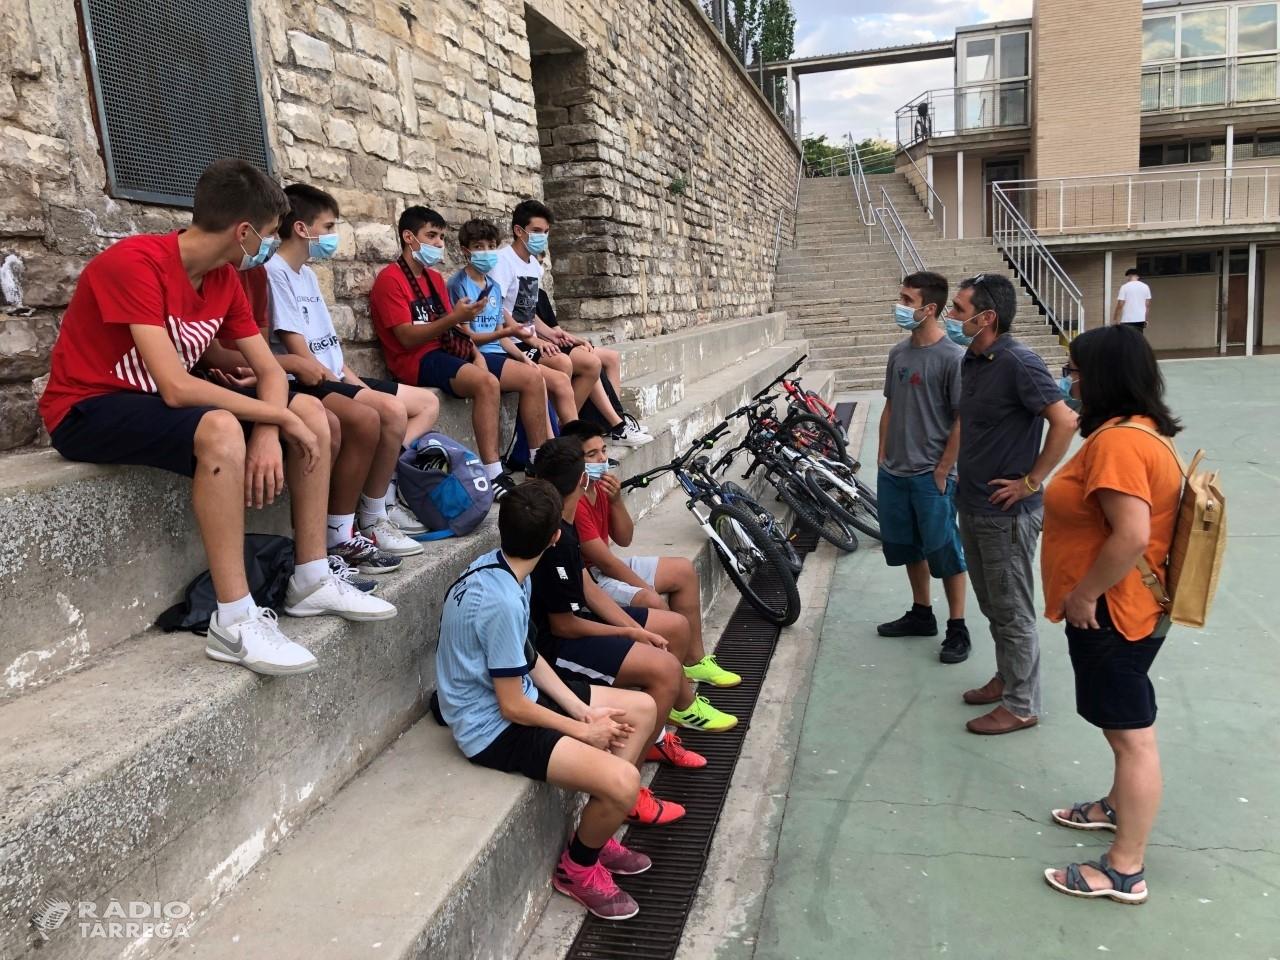 Tàrrega obre els patis de les escoles a l'estiu per promoure l'esport i generar comunitat entre els joves